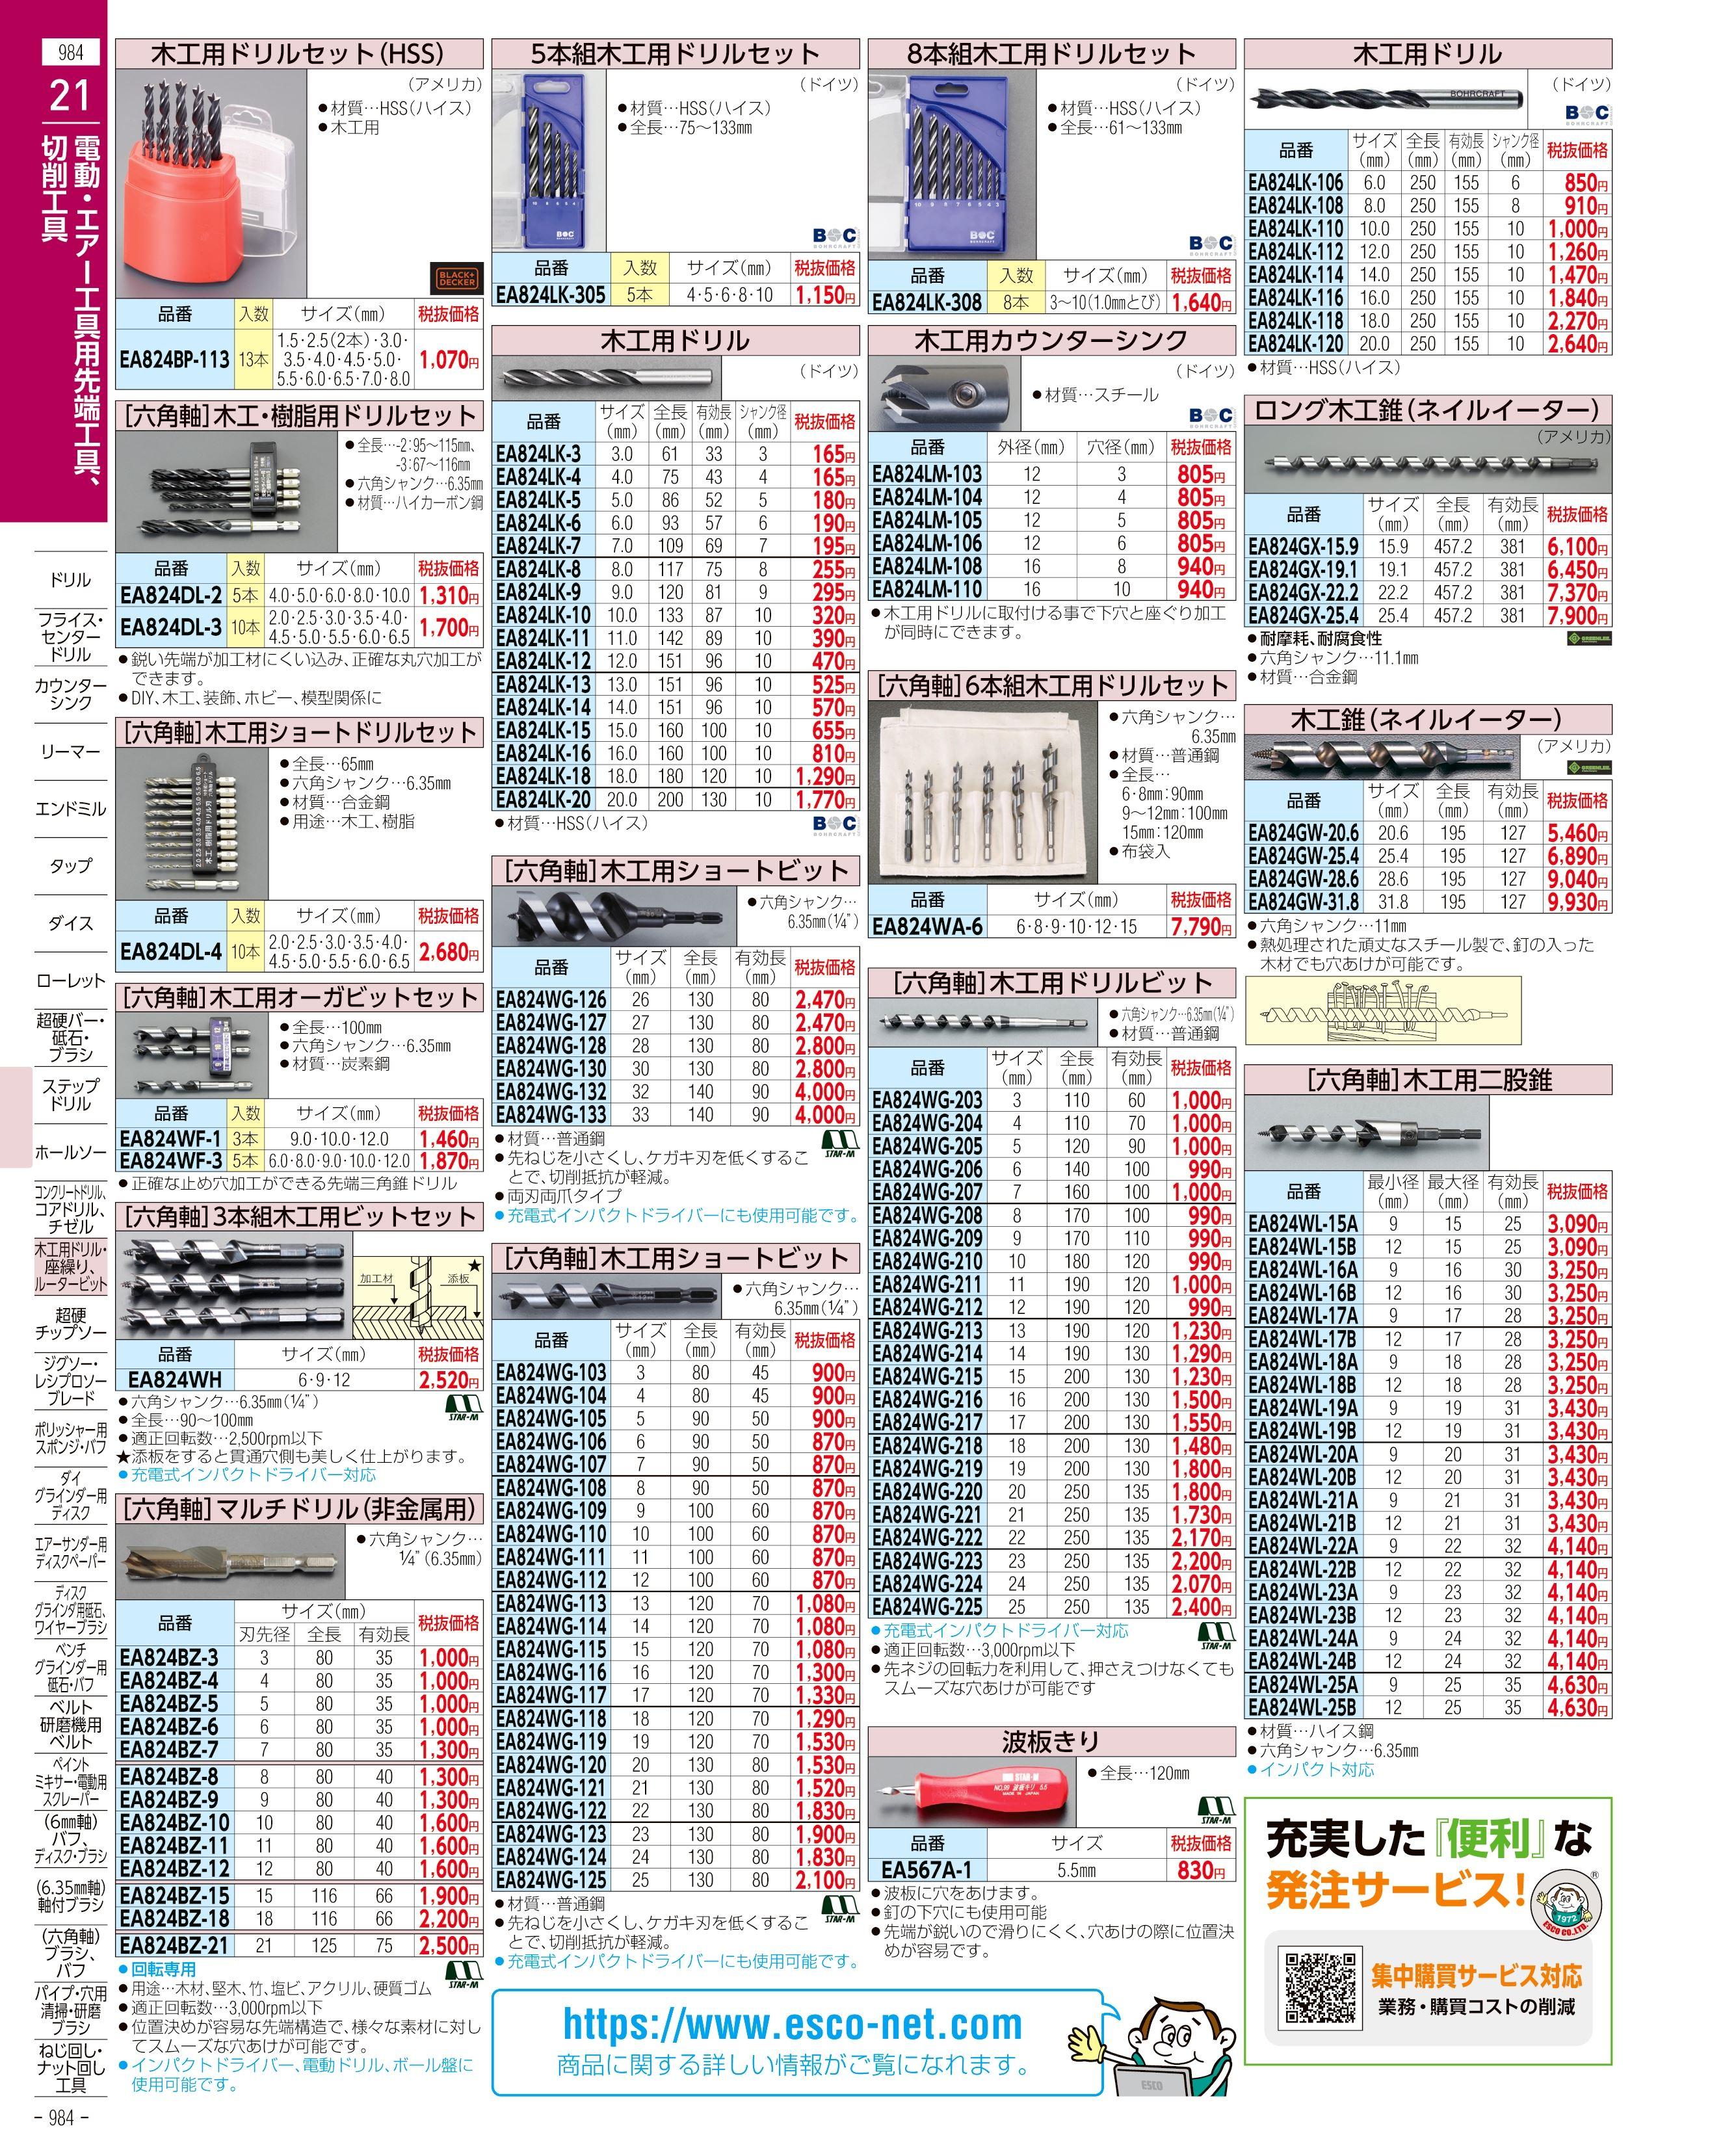 エスコ便利カタログ984ページ